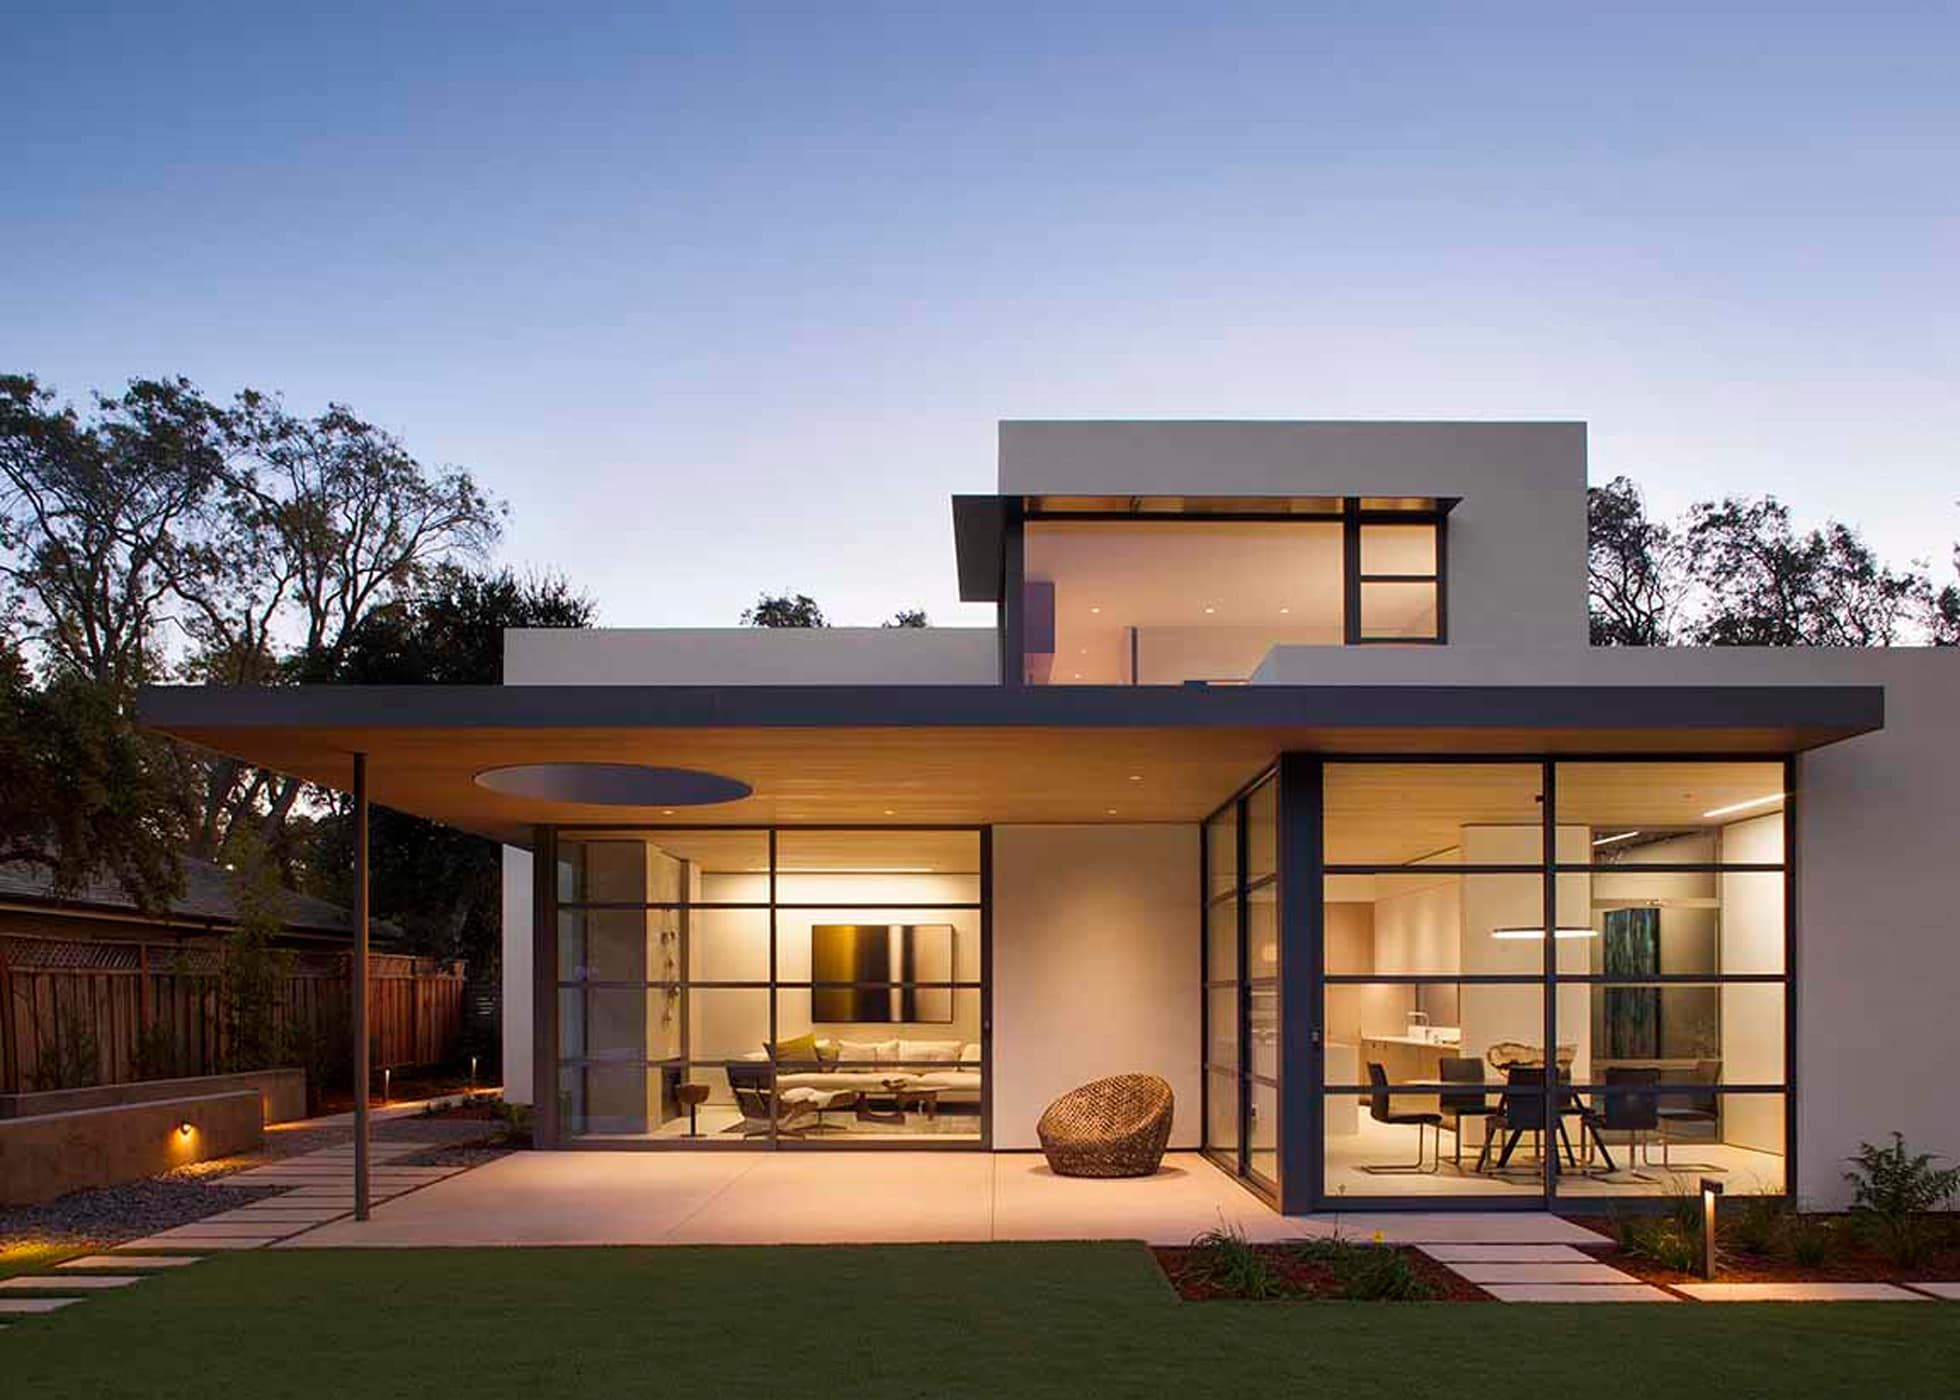 Maisons Modernes Par Feldman Architecture Moderne Homify Maison D Architecture Maison Architecte Architecture De Maison